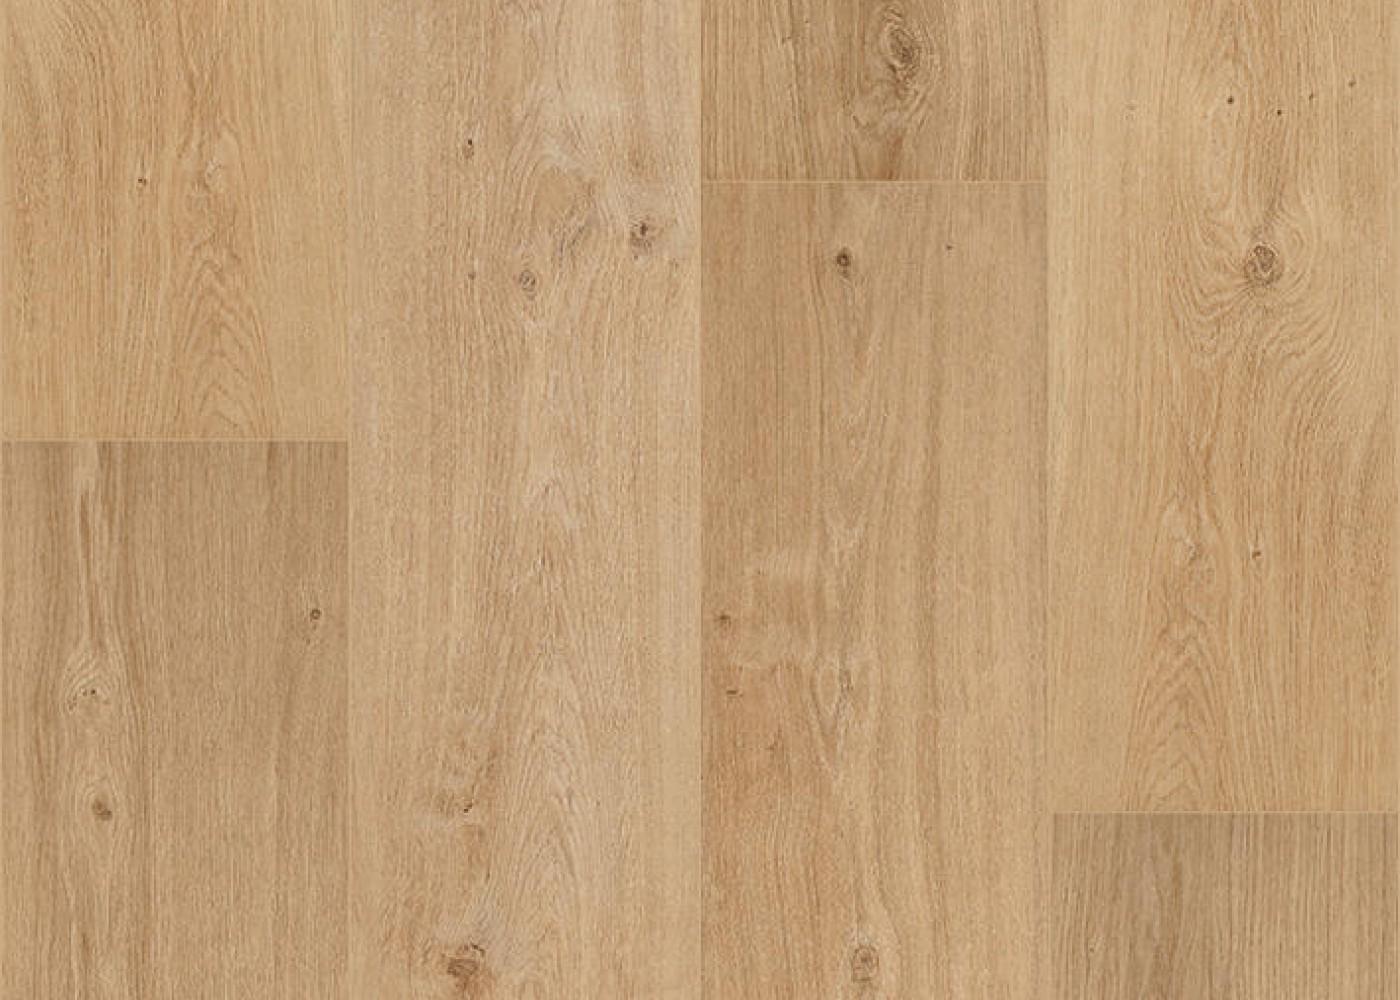 Vinyle rigide Chêne Cider passage commercial 4.5x225x1524